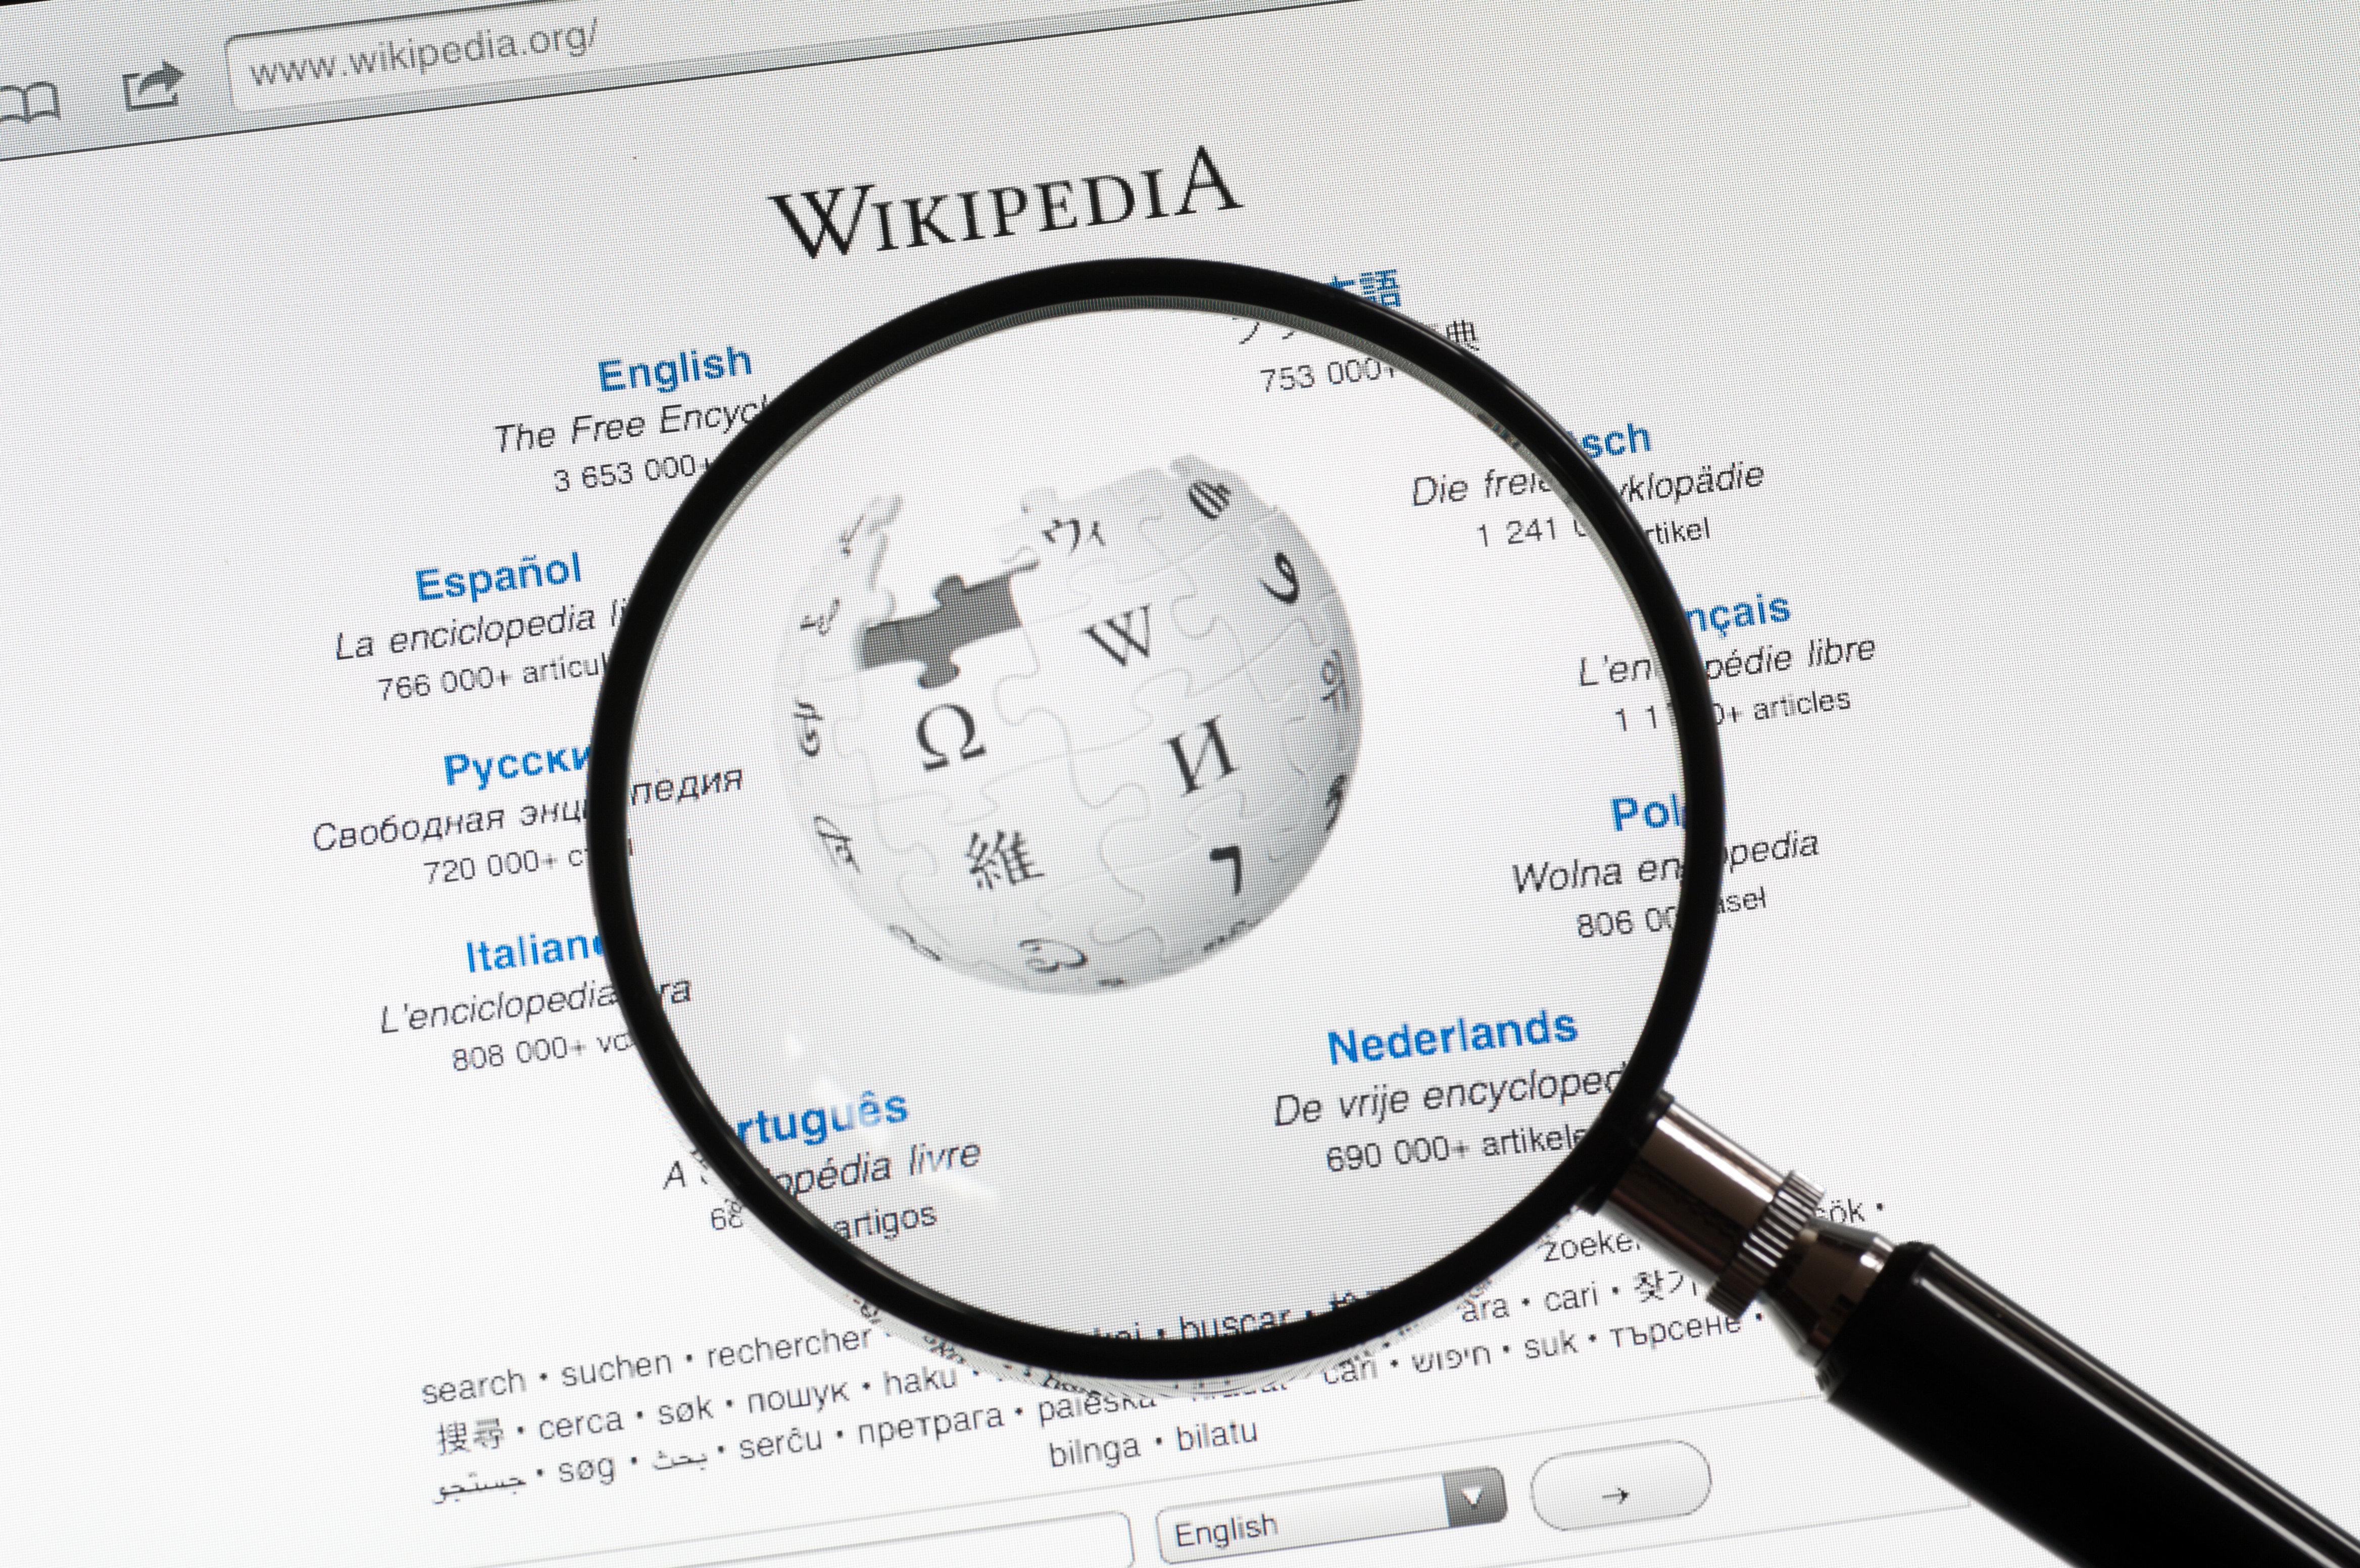 Que significa fondo wikipedia